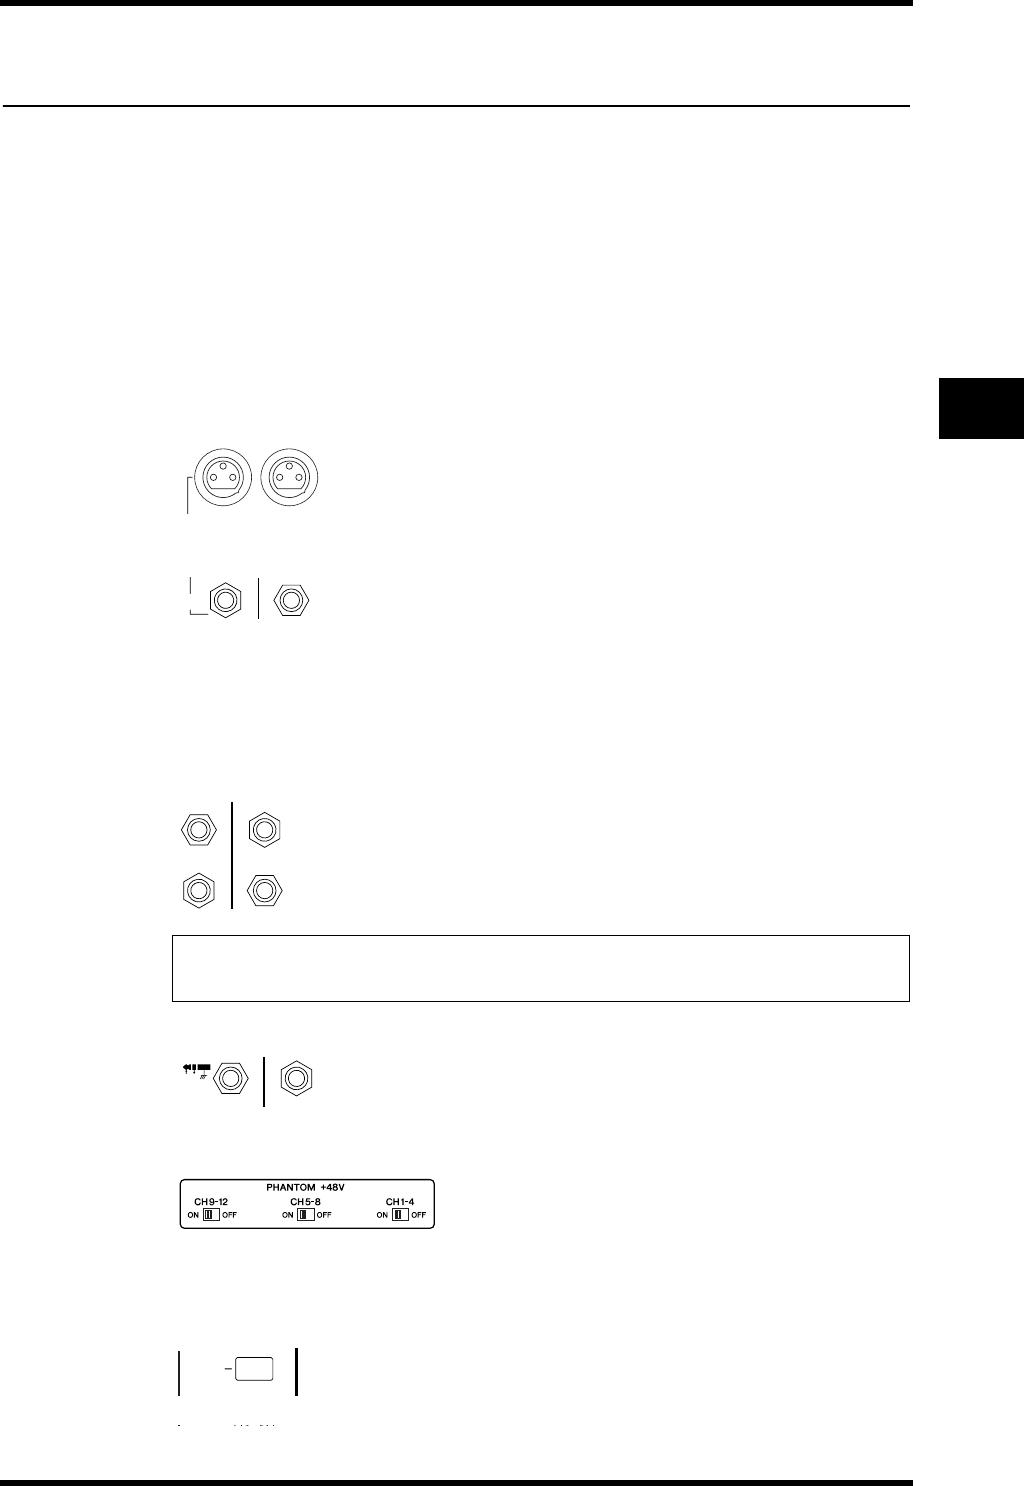 Bedienungsanleitung Yamaha 01v96 Seite 71 Von 334 Englisch Block Diagram Analog I O Digital 69